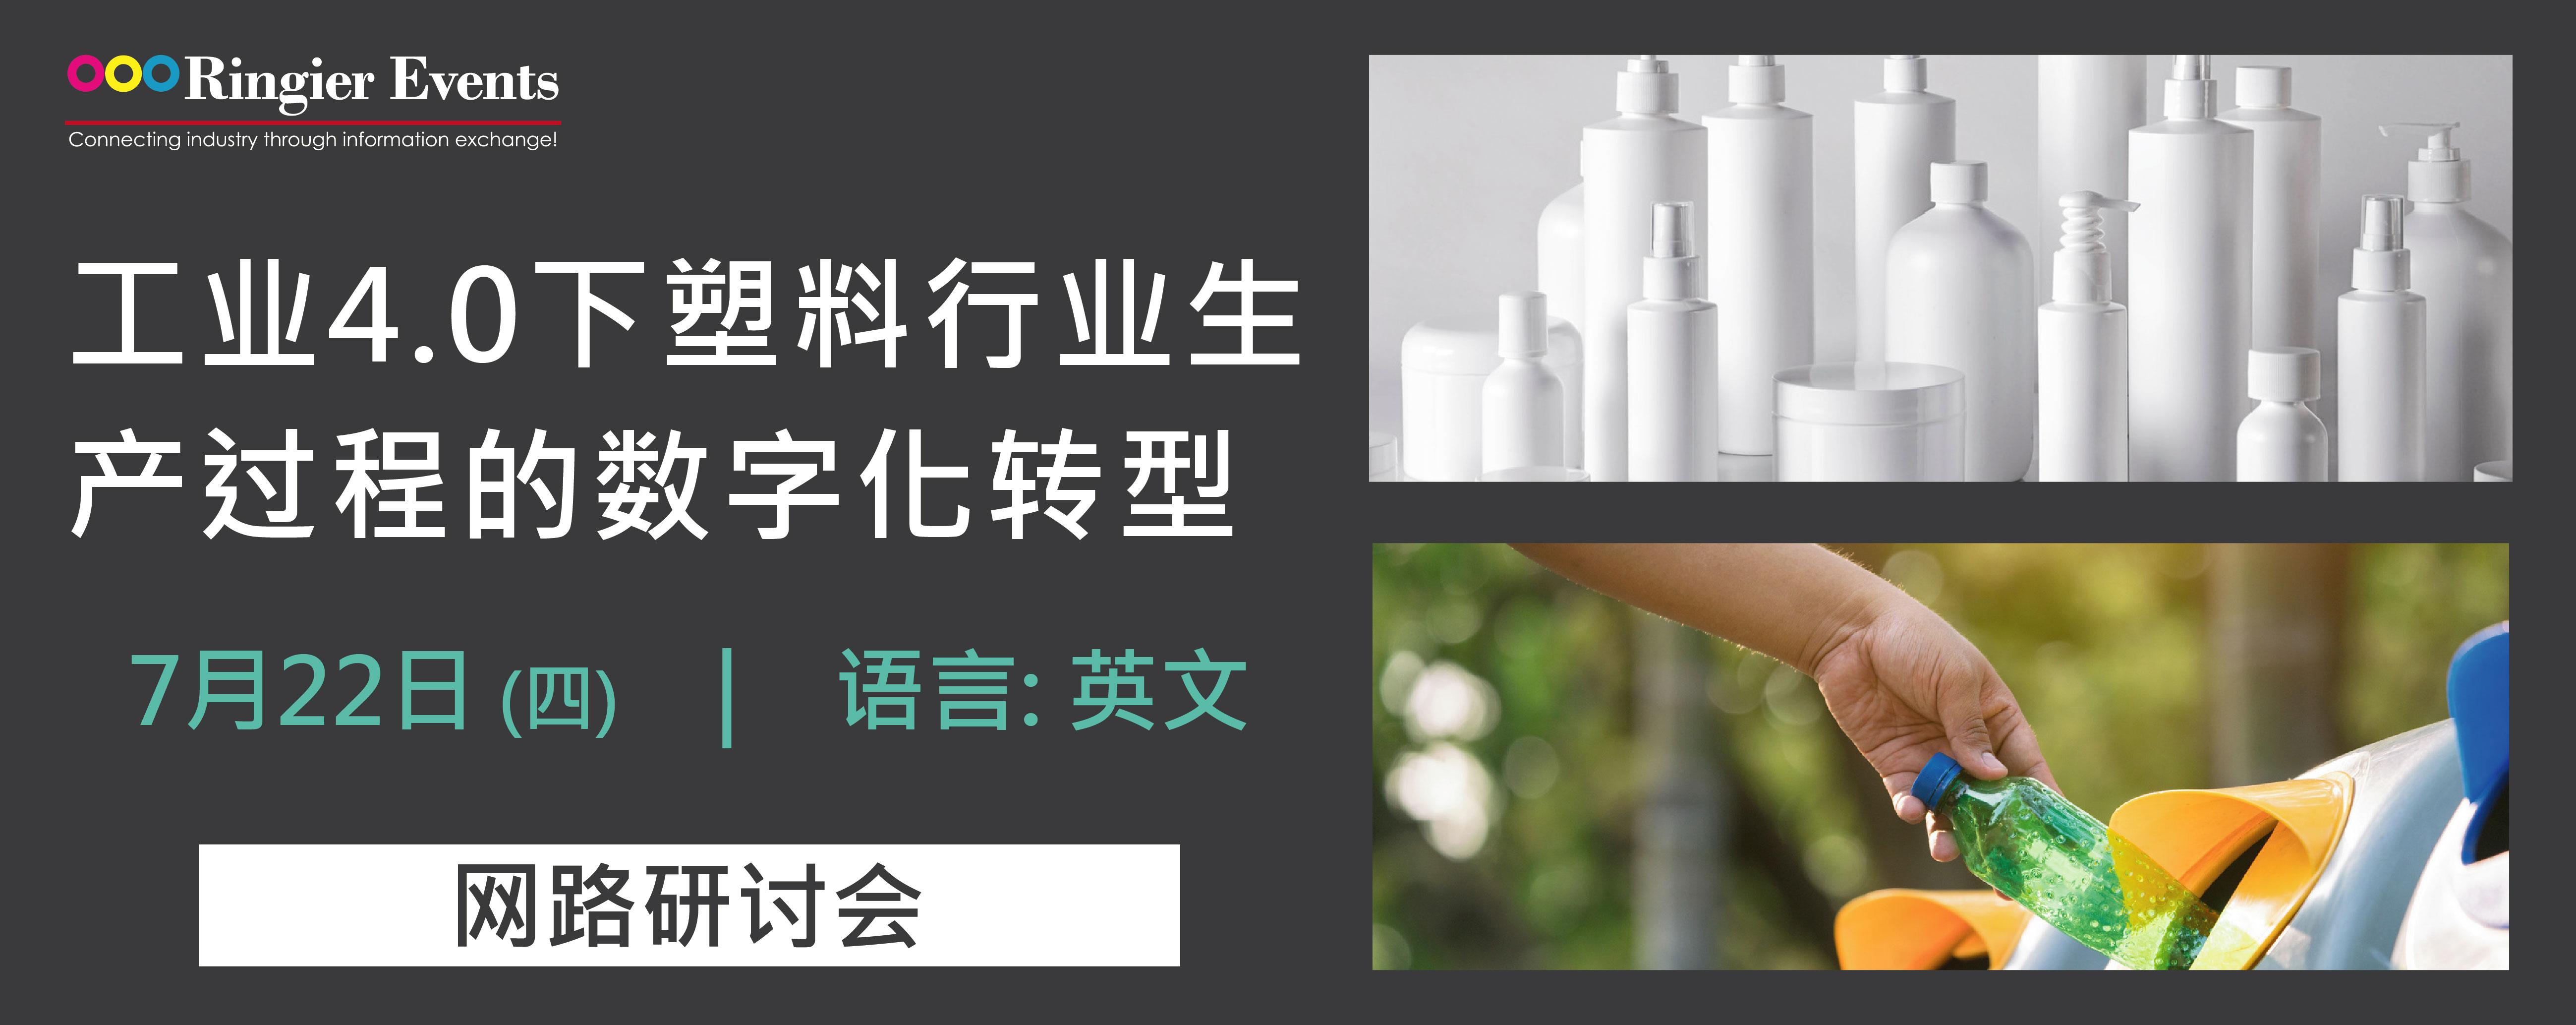 工业4.0下塑料行业生产过程的数字化转型